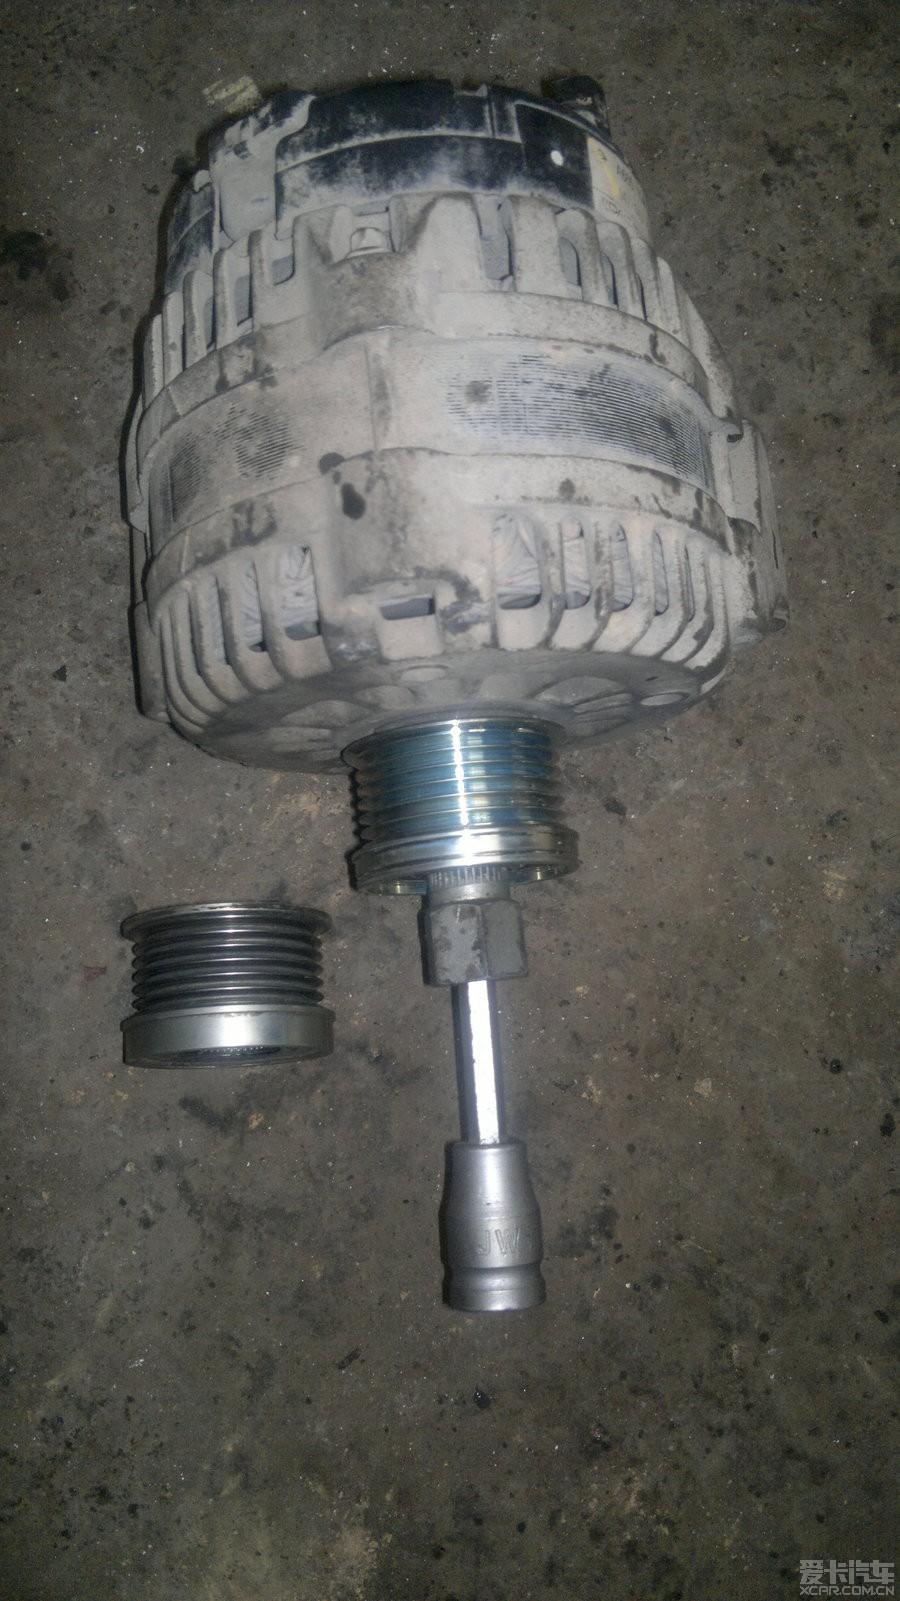 双龙雷斯特 更换发电机单项 皮带 轮 双龙 论坛 高清图片